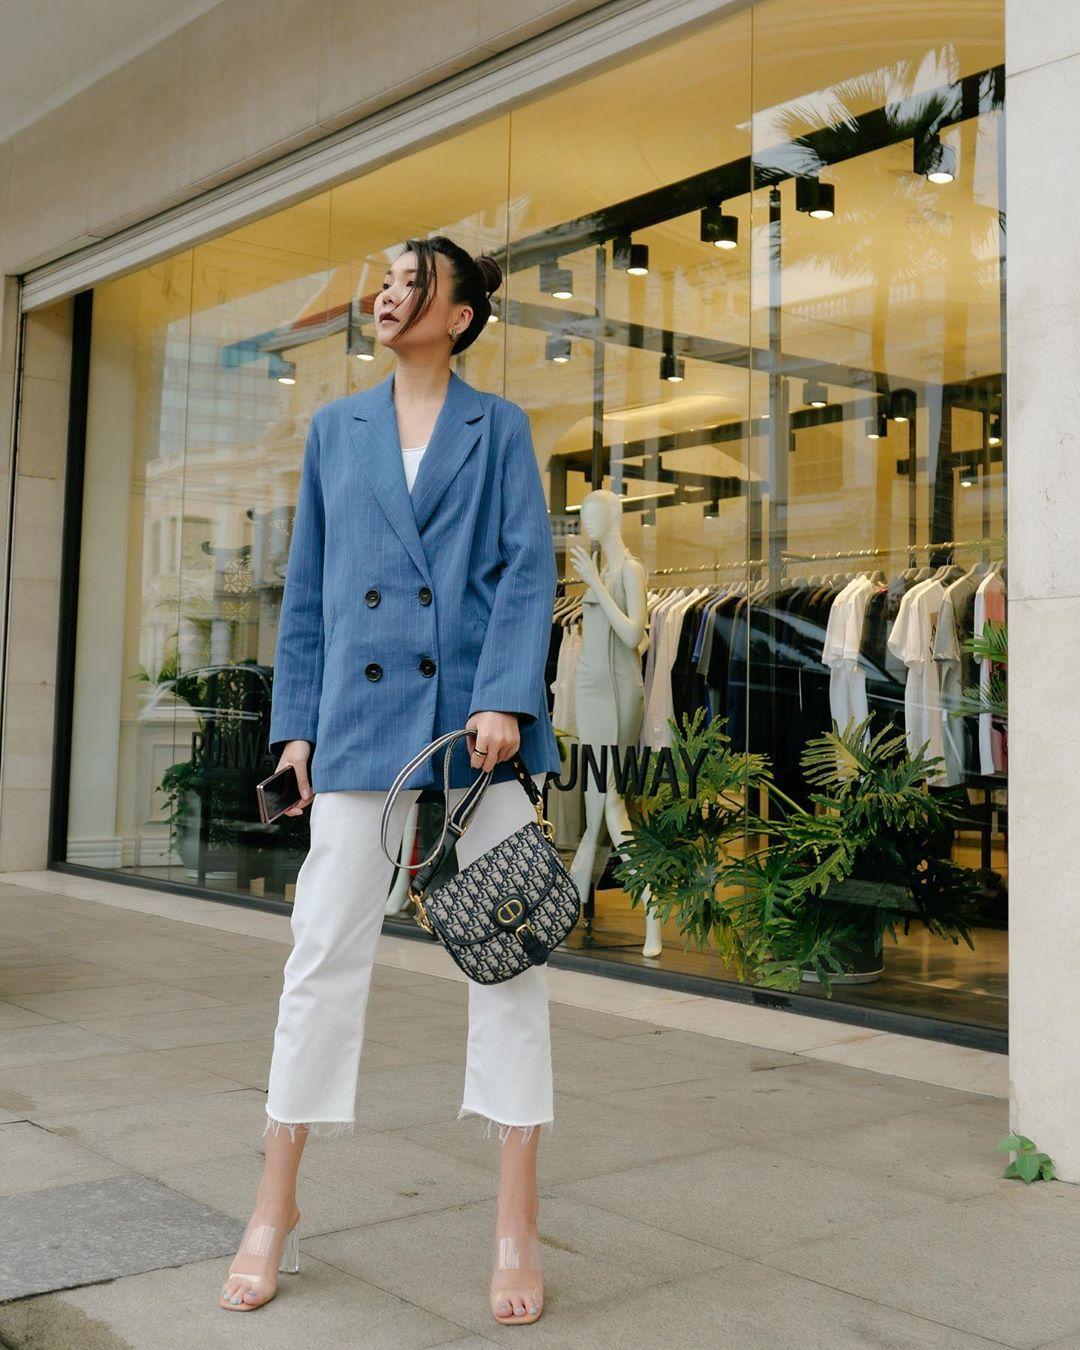 3 kiểu áo khoác khi trở lạnh được lòng hội chị em tuổi 30+ 'nhà Vbiz': Phạm Quỳnh Anh 'buông lơi' như idol Kpop, Hà Tăng lại hack tuổi đỉnh cao không thua gái 18 0